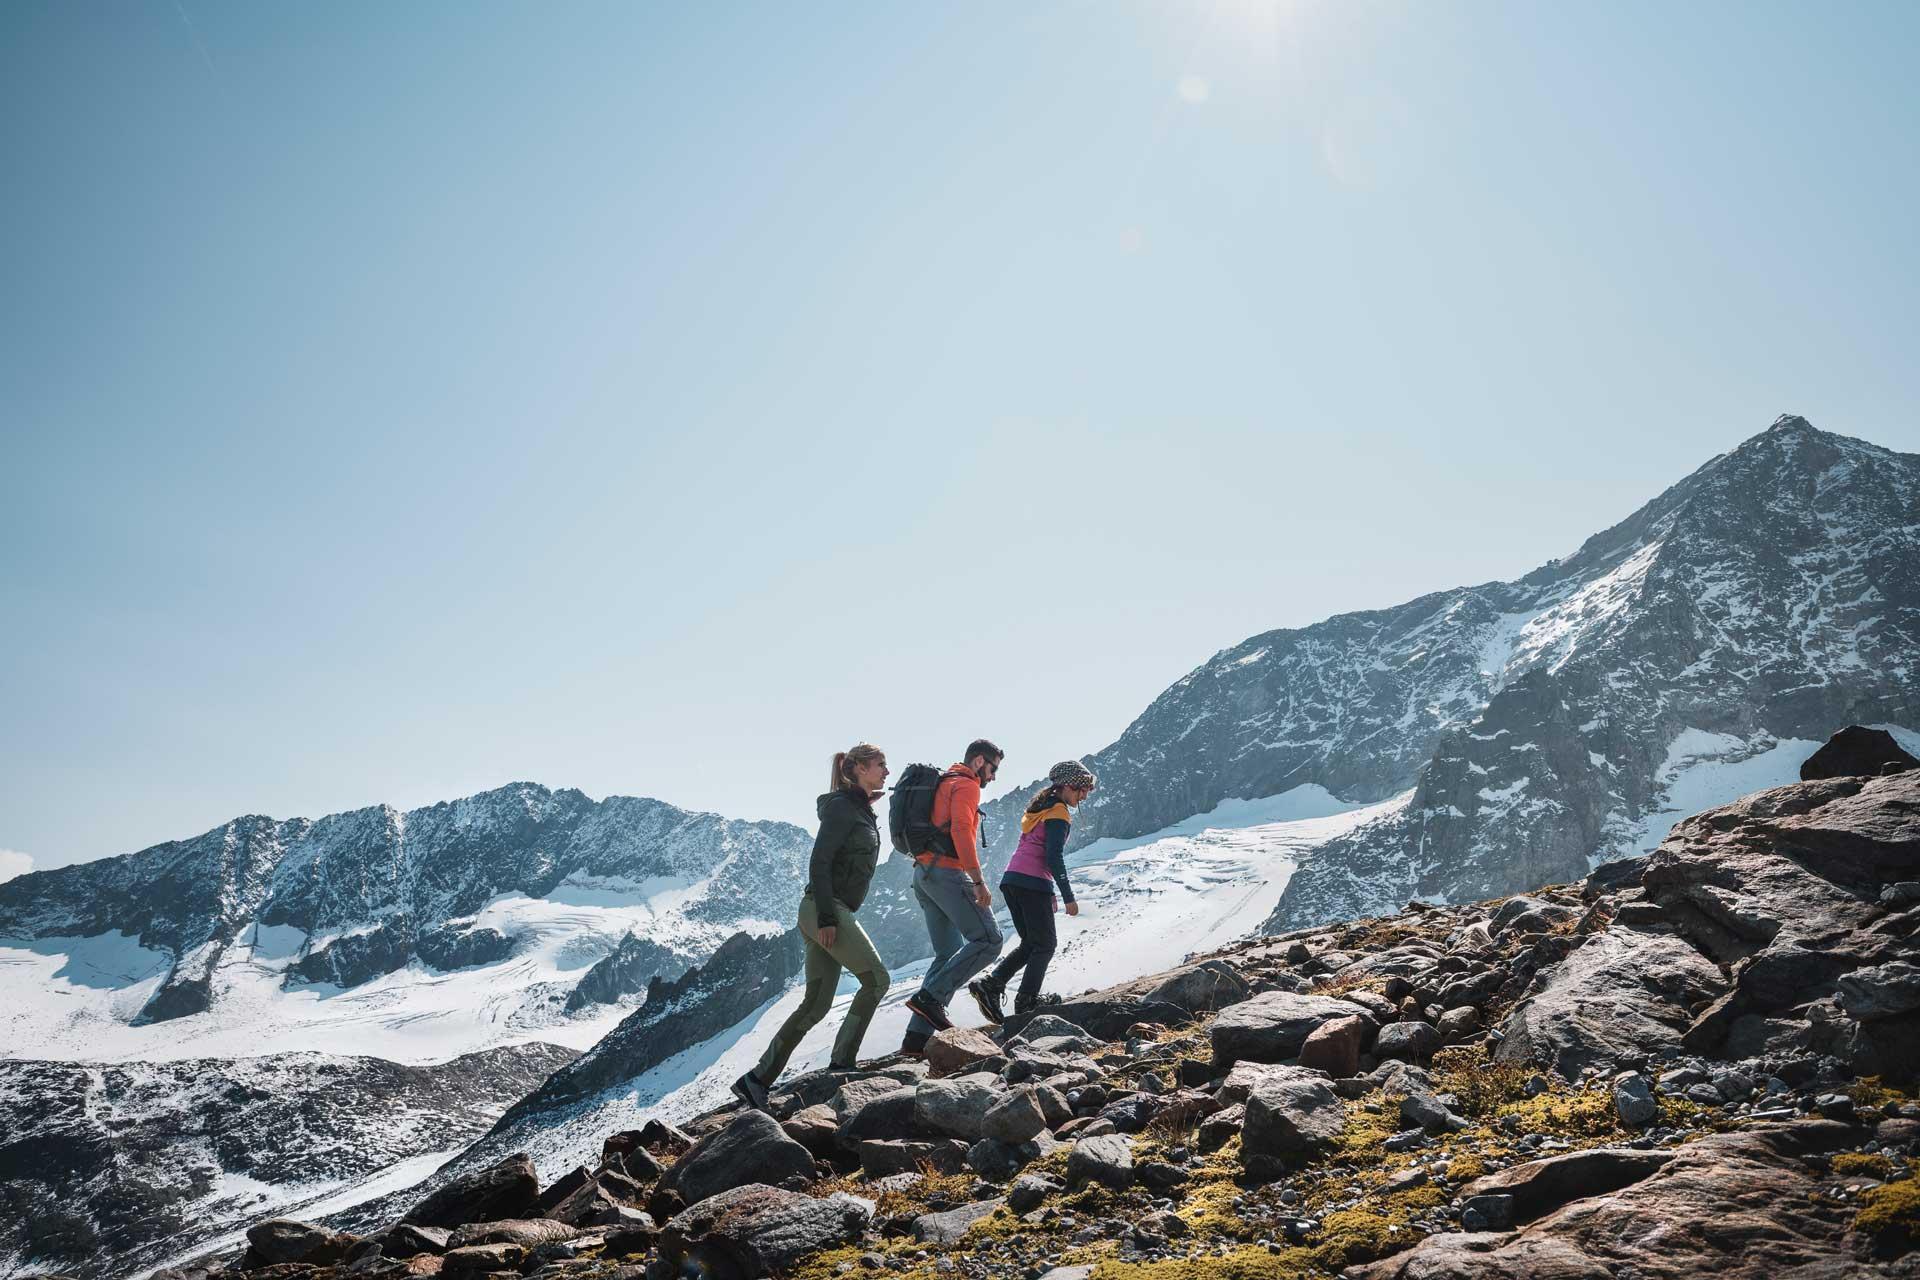 erwandern sie den stubaier gletscher am sommer - atemberaubende gletscherlandschaft erleben